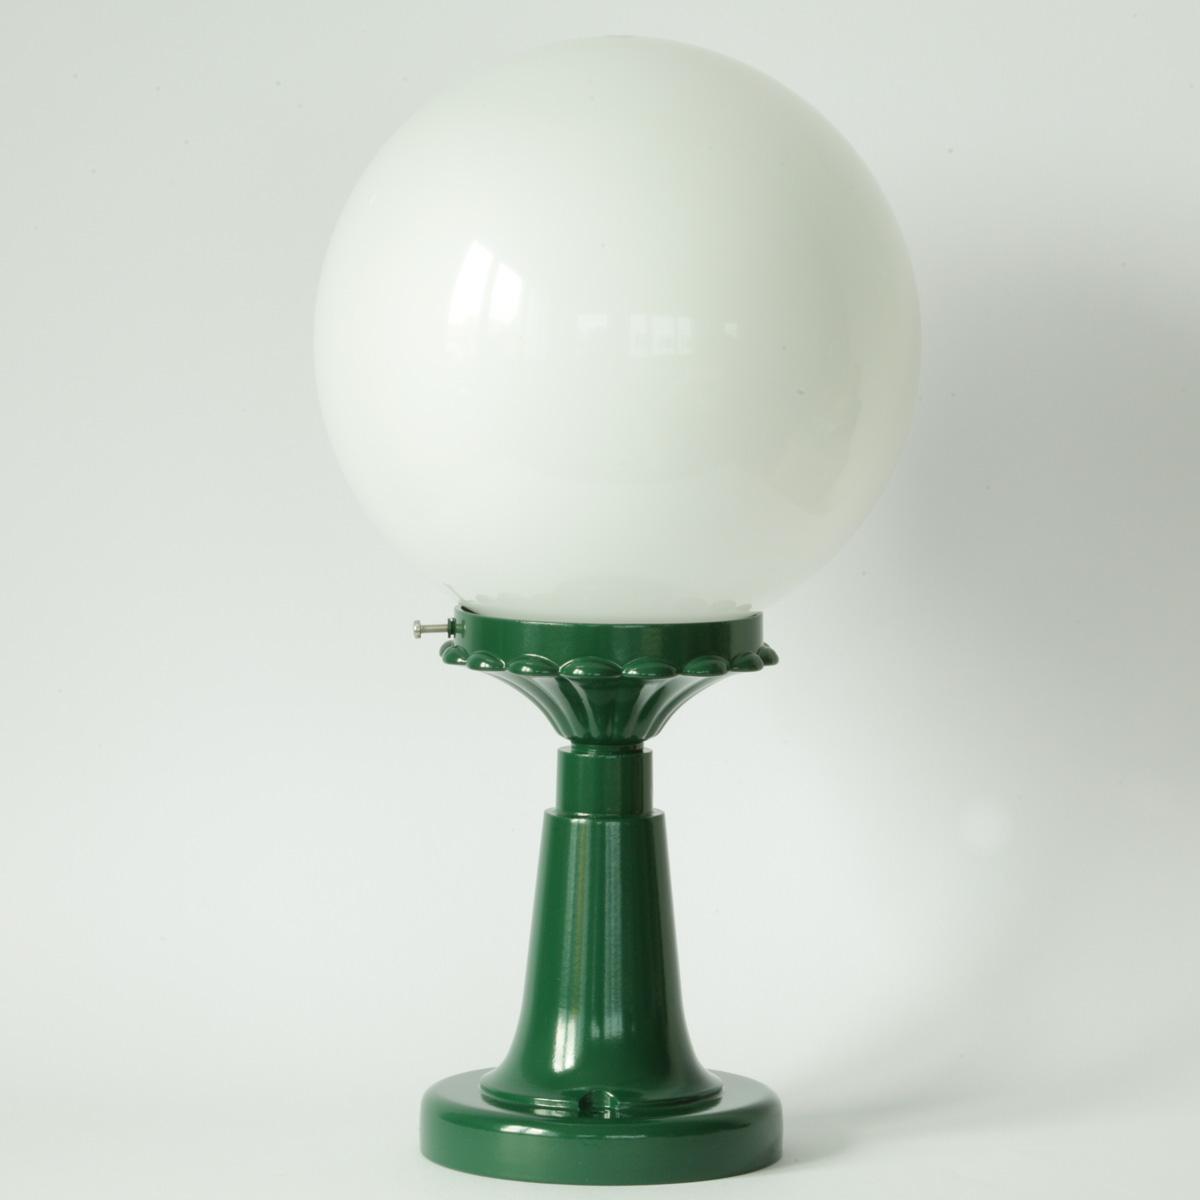 Kugellampe Für Außen Mit Kurzem Sockel Terra Lumi